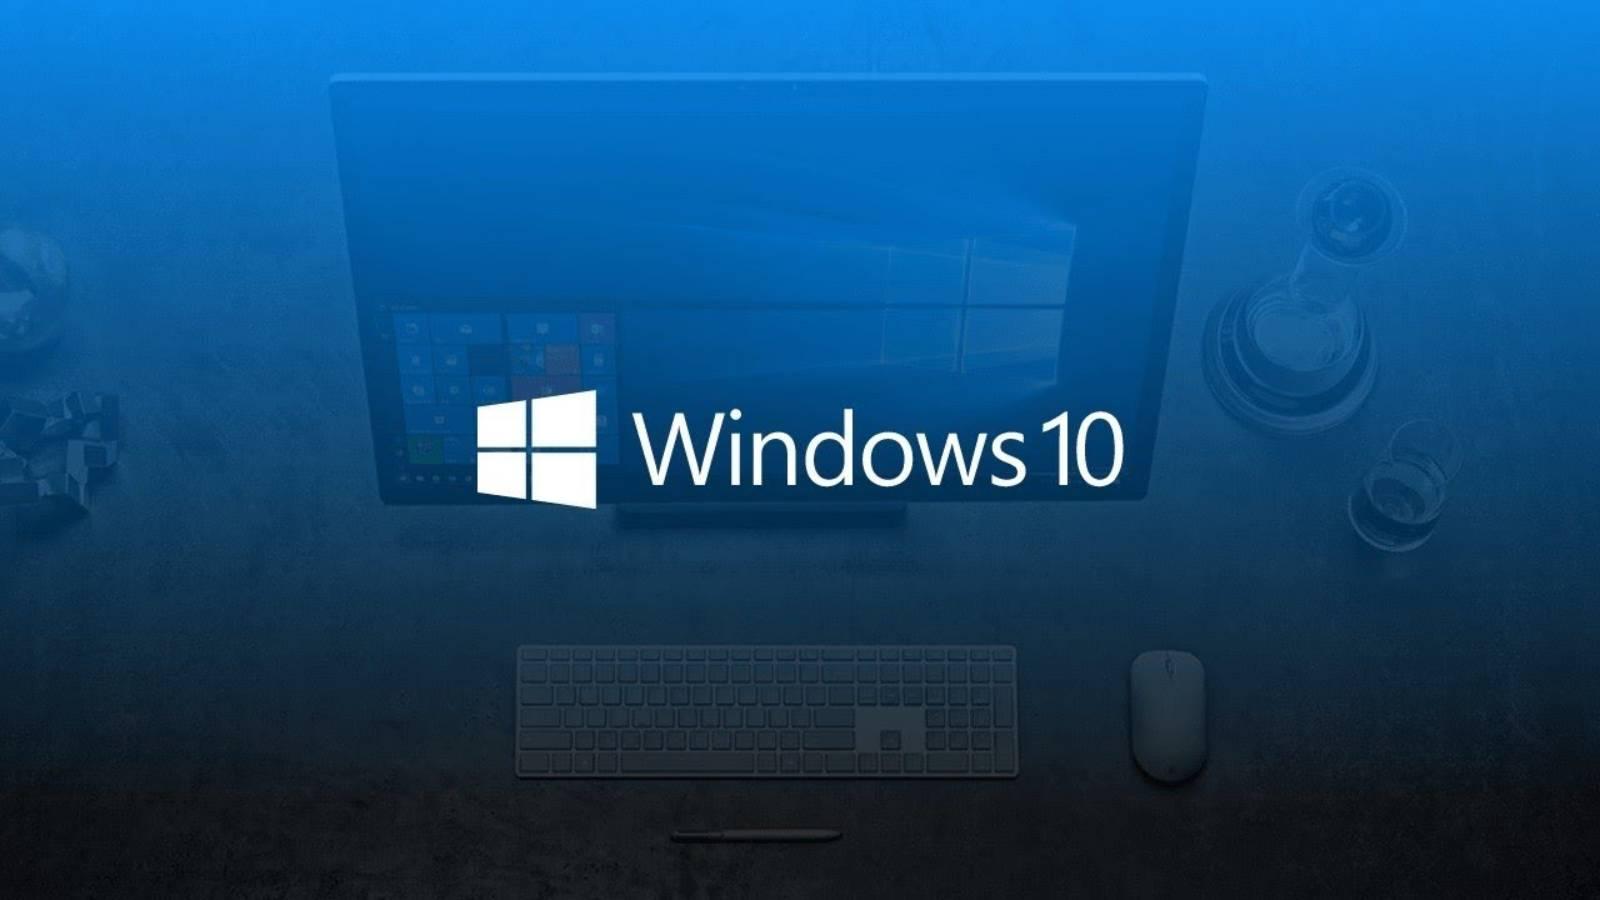 Windows 10 smb